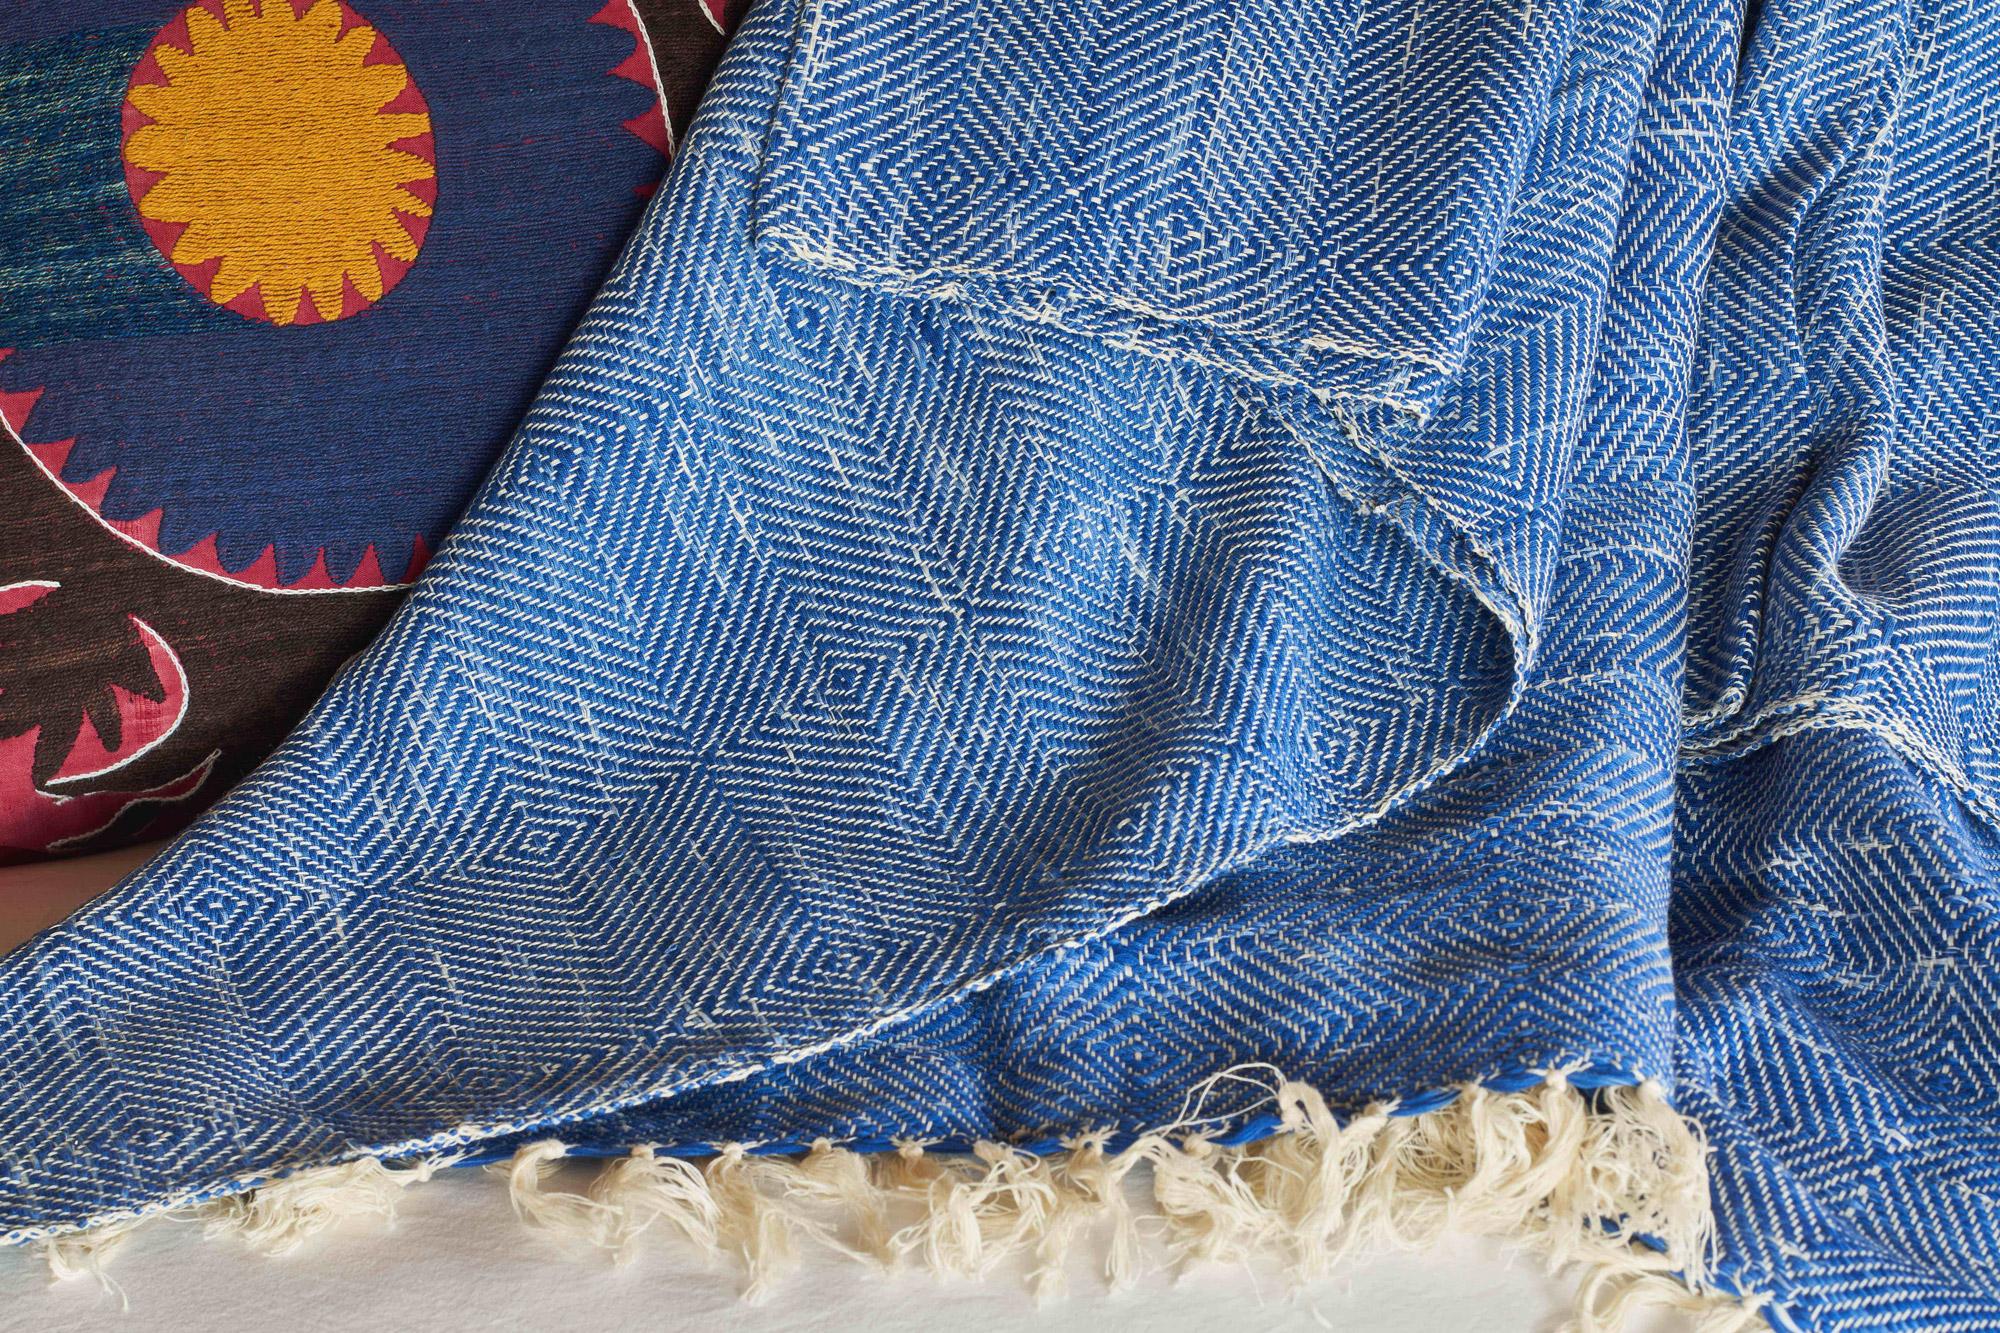 shanga-blankets-3.jpg